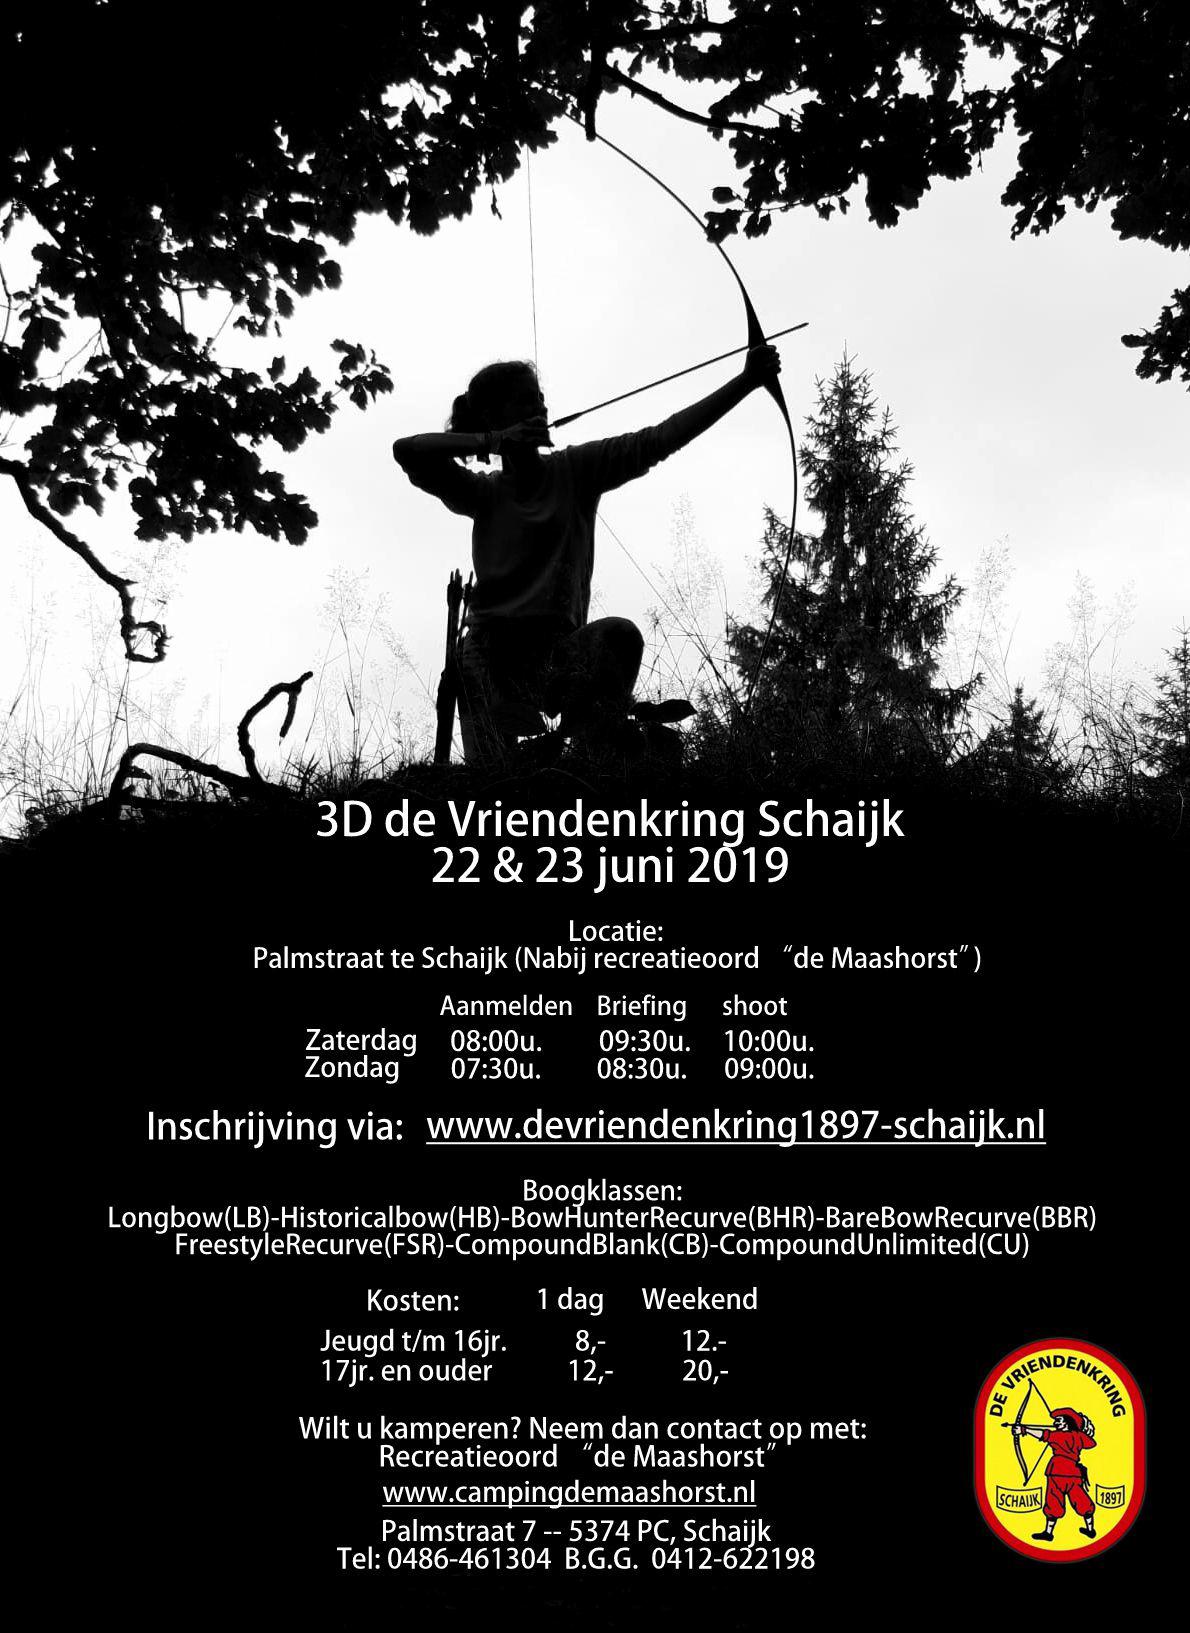 """3D de Vriendenkring Schaijk @ Nabij recreatieoord """"de Maashorst"""""""